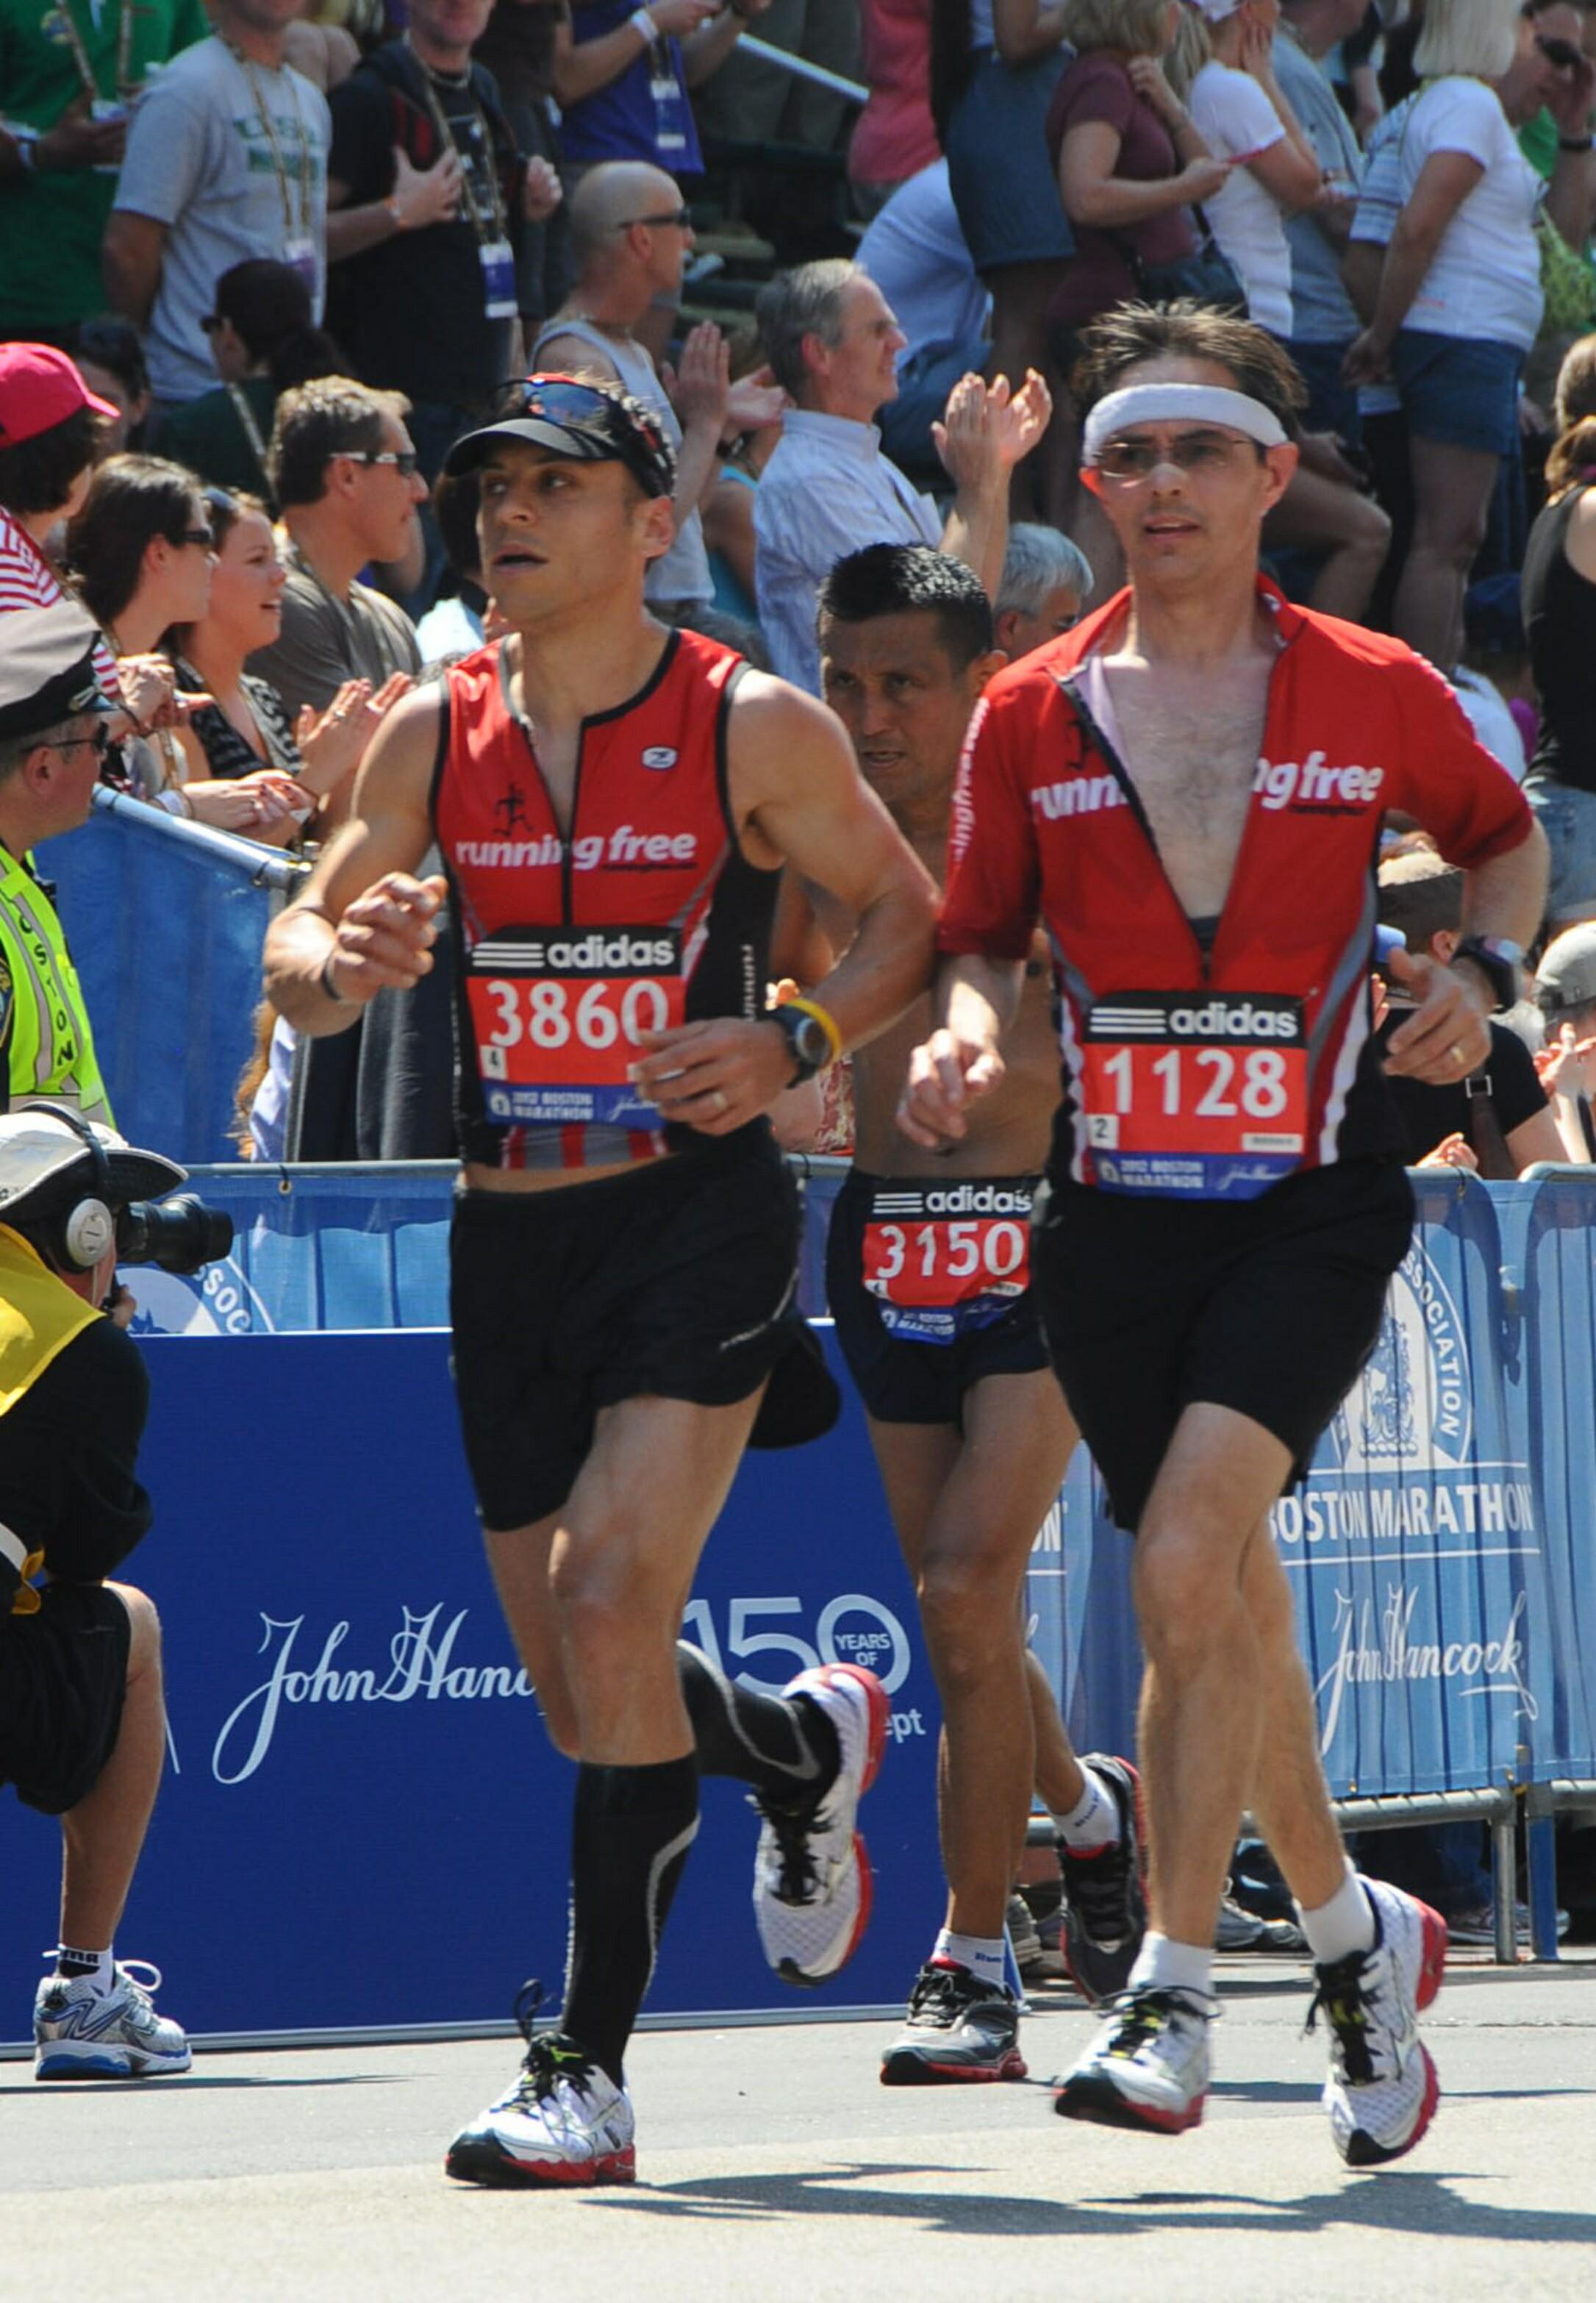 Pereira and MacKinnon